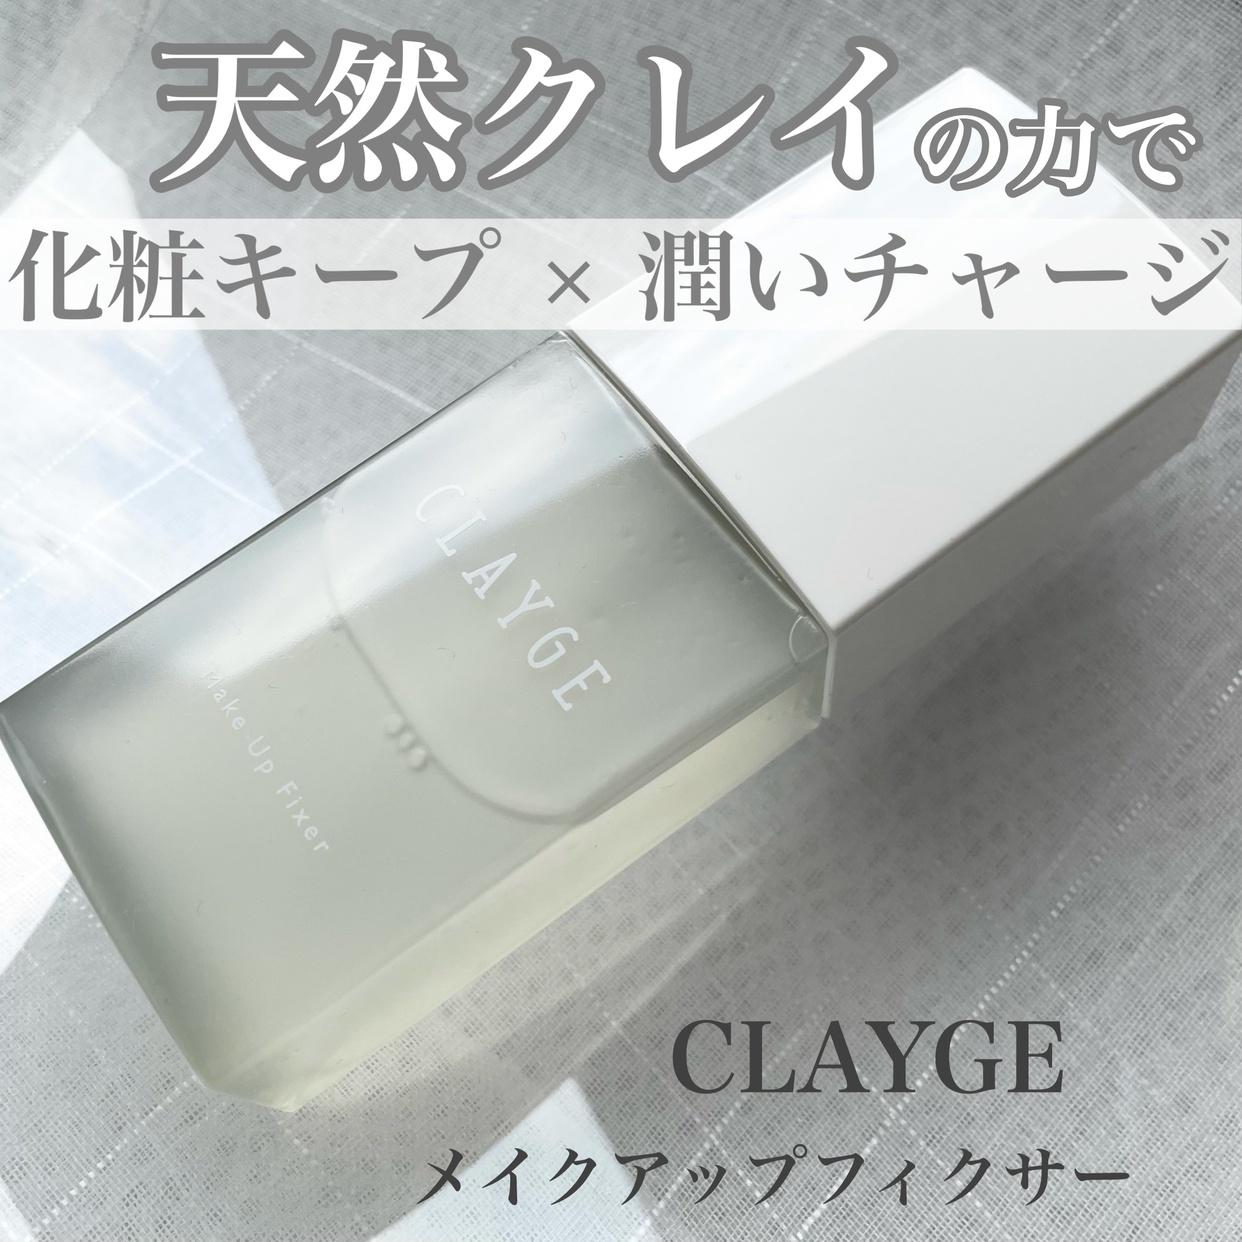 CLAYGE(クレージュ)メイクアップフィクサーを使ったあひるさんのクチコミ画像1